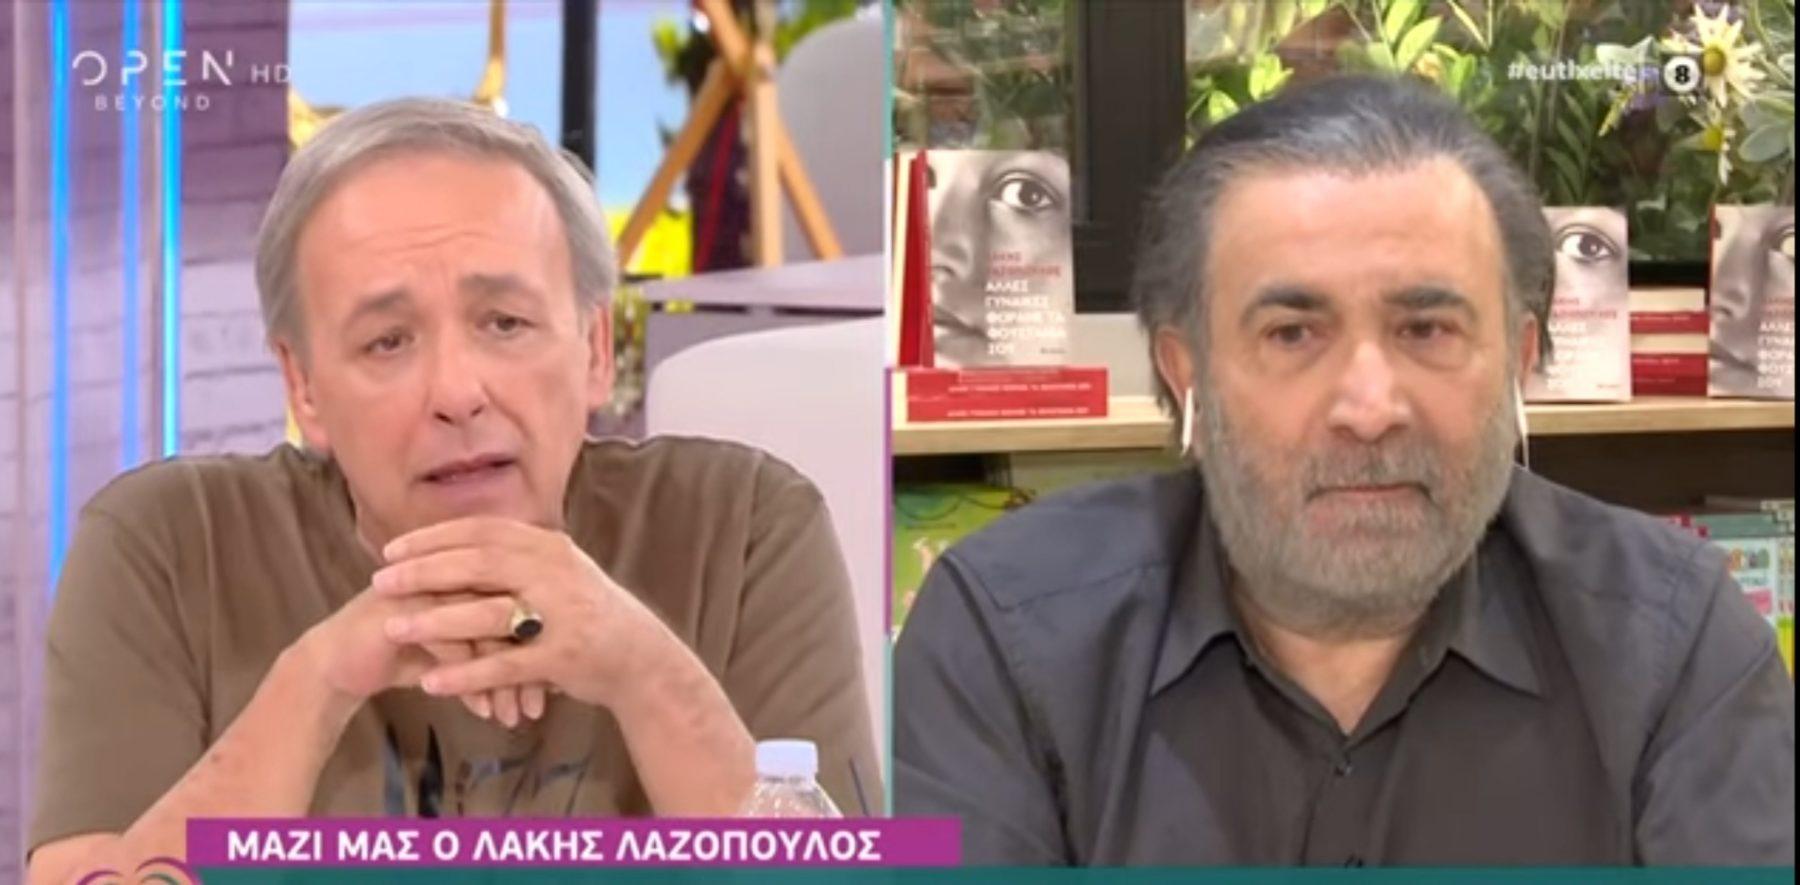 Ανδρέας Μικρούτσικος-Λάκης Λαζόπουλος: Η συγκινητική τους συνάντηση και η συγκλονιστική αποκάλυψη για τον Θάνο Μικρούτσικο